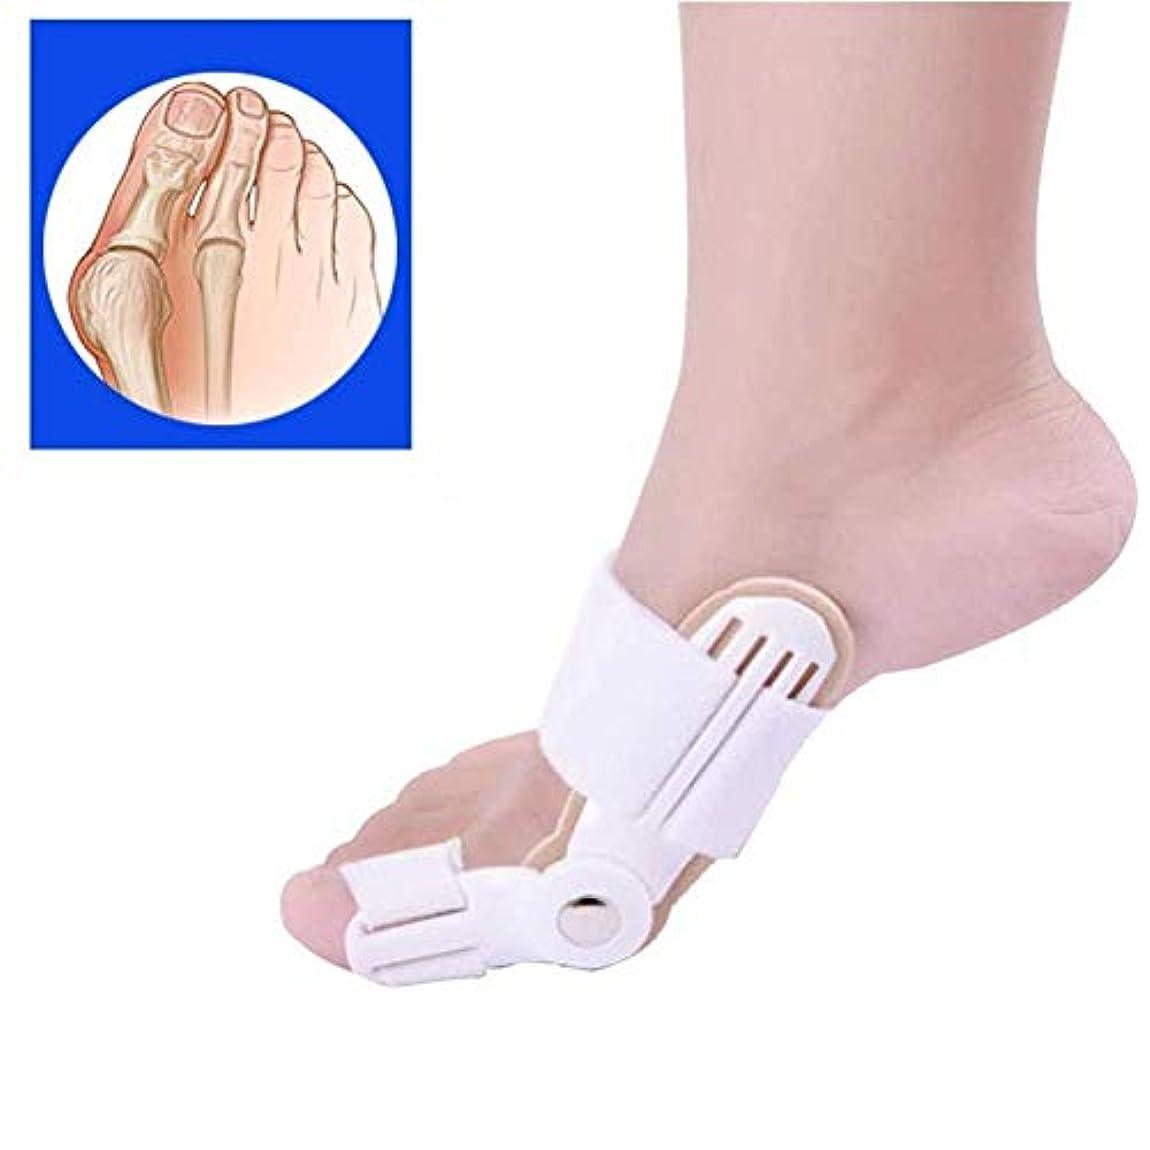 指定するニュース終わりつま先の添え木、足の親指の矯正、外反母hallセパレーター、滑液包炎緩和プロテクター、つま先の関節スペーサー、矯正の痛み